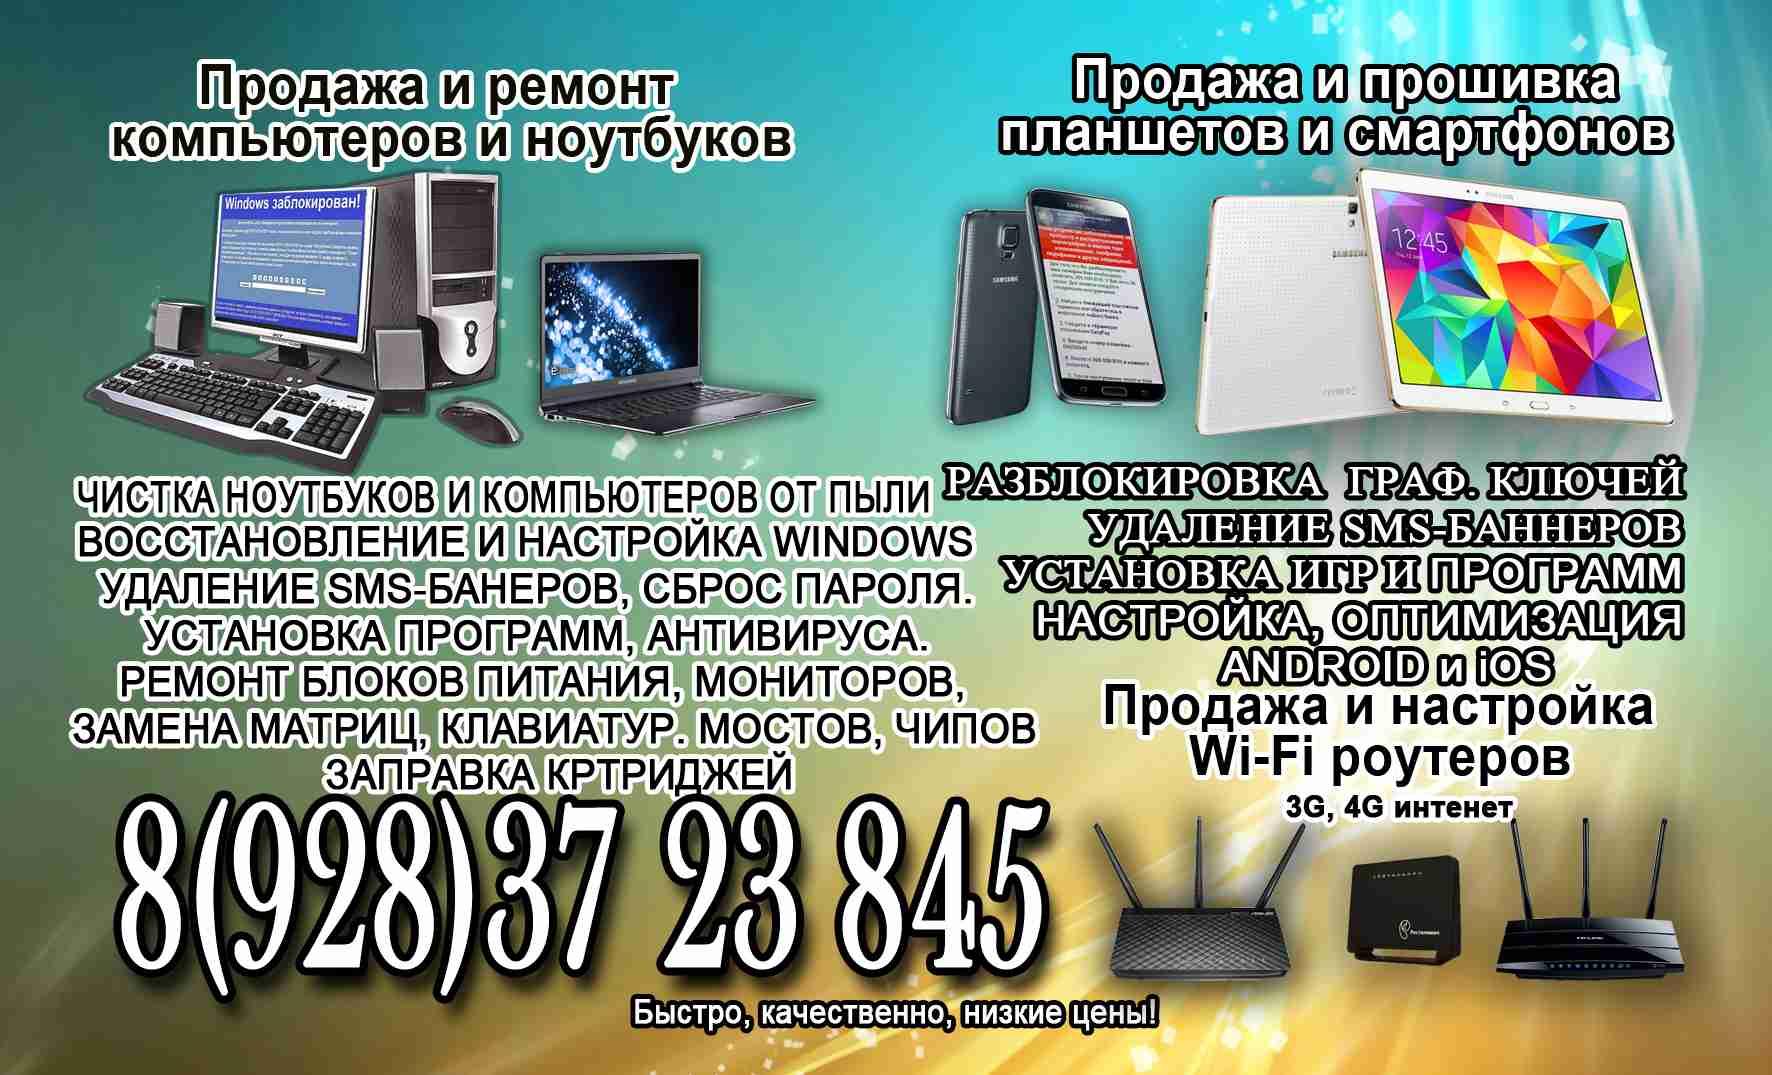 it-service Ремонт компьютерной и бытовой техники по Кавминводам